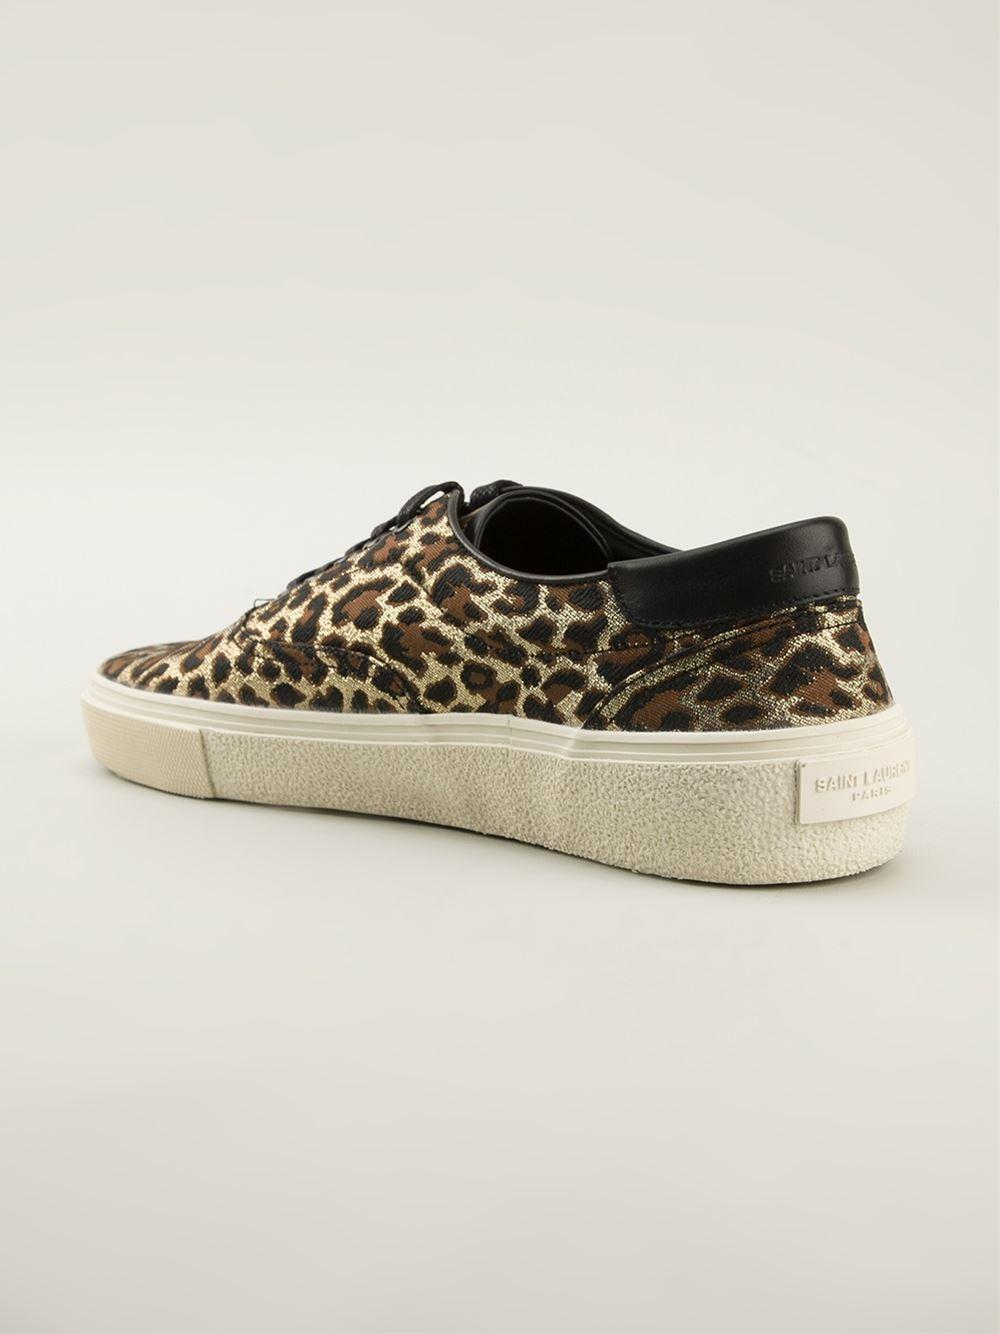 Saint Laurent Metallic Leopard Print Sneakers for men